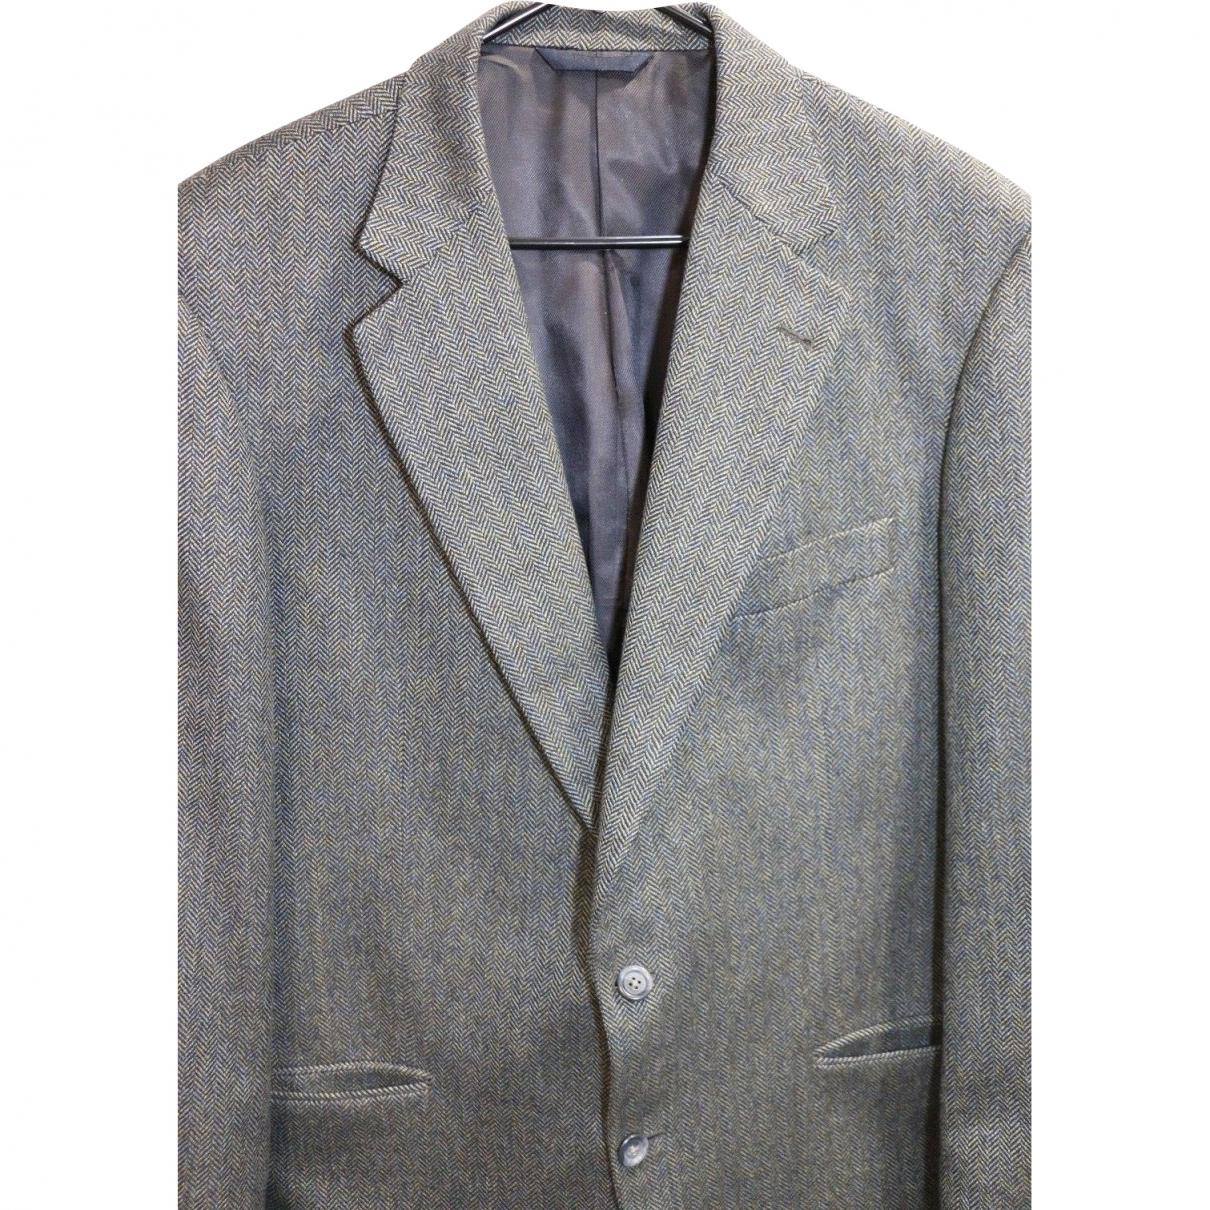 Burberry \N Grey Wool jacket  for Men 44 UK - US